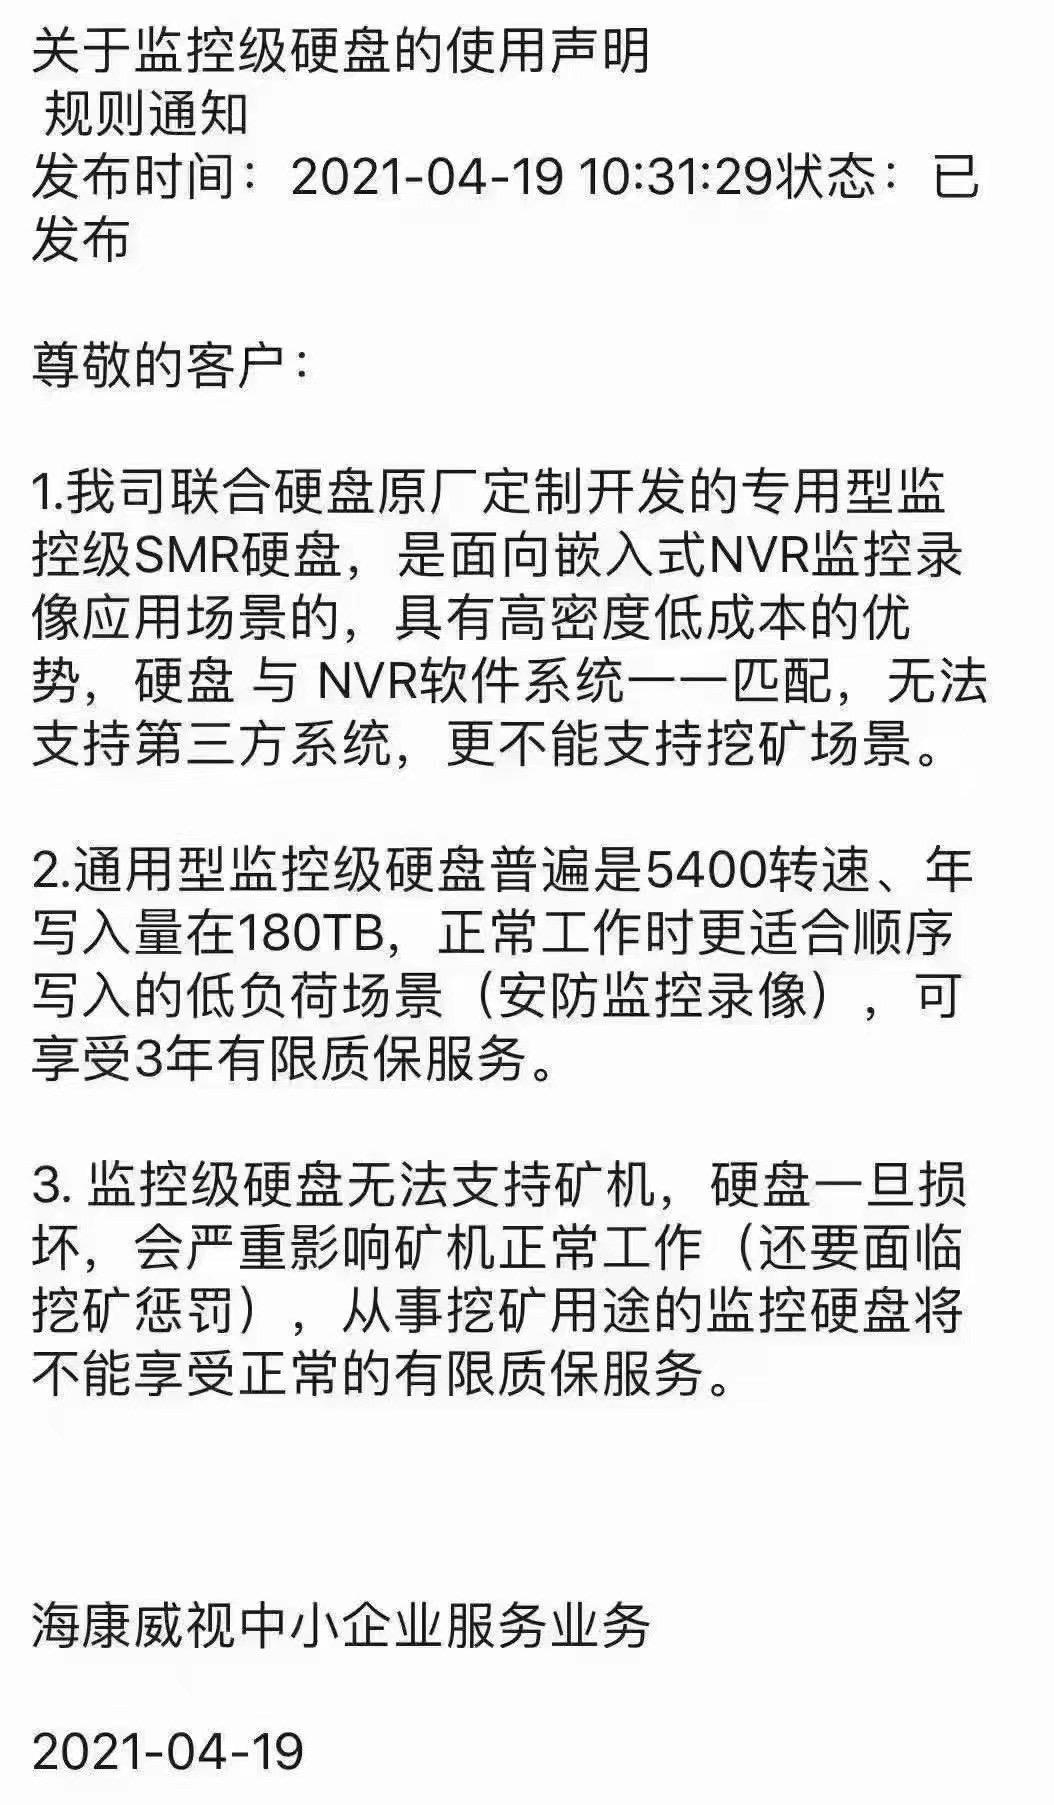 硬盘价格疯涨真相:中国区代理压货,卖家按小时涨价